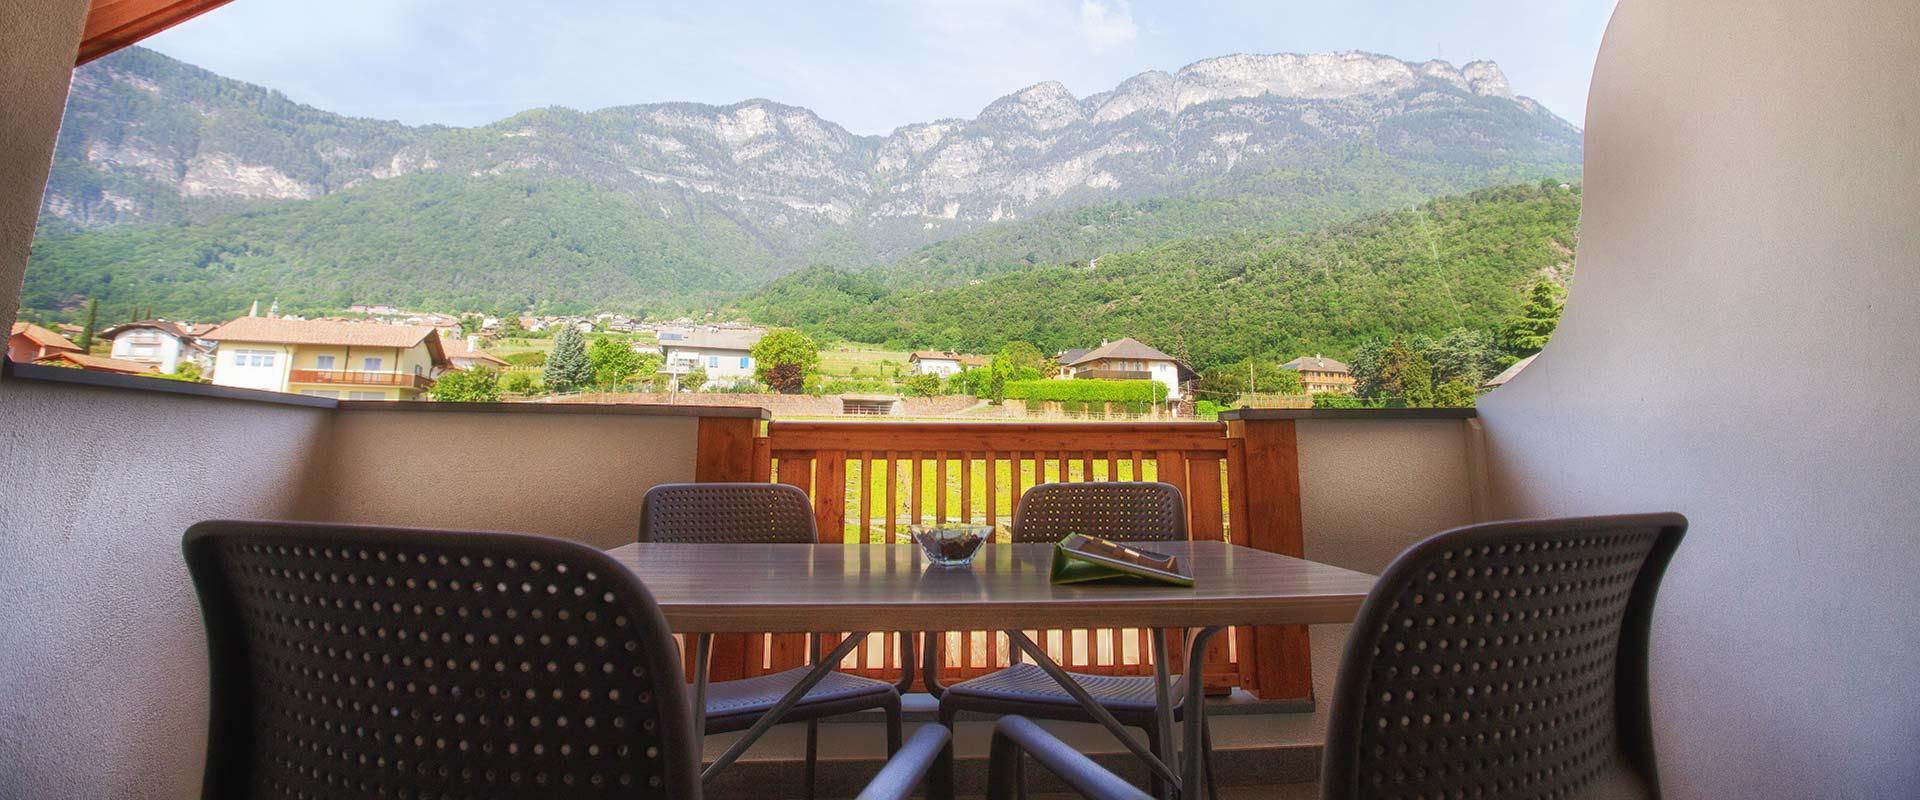 Ferienwohnungen garni hotel peterlinhof kaltern for Hotel kaltern